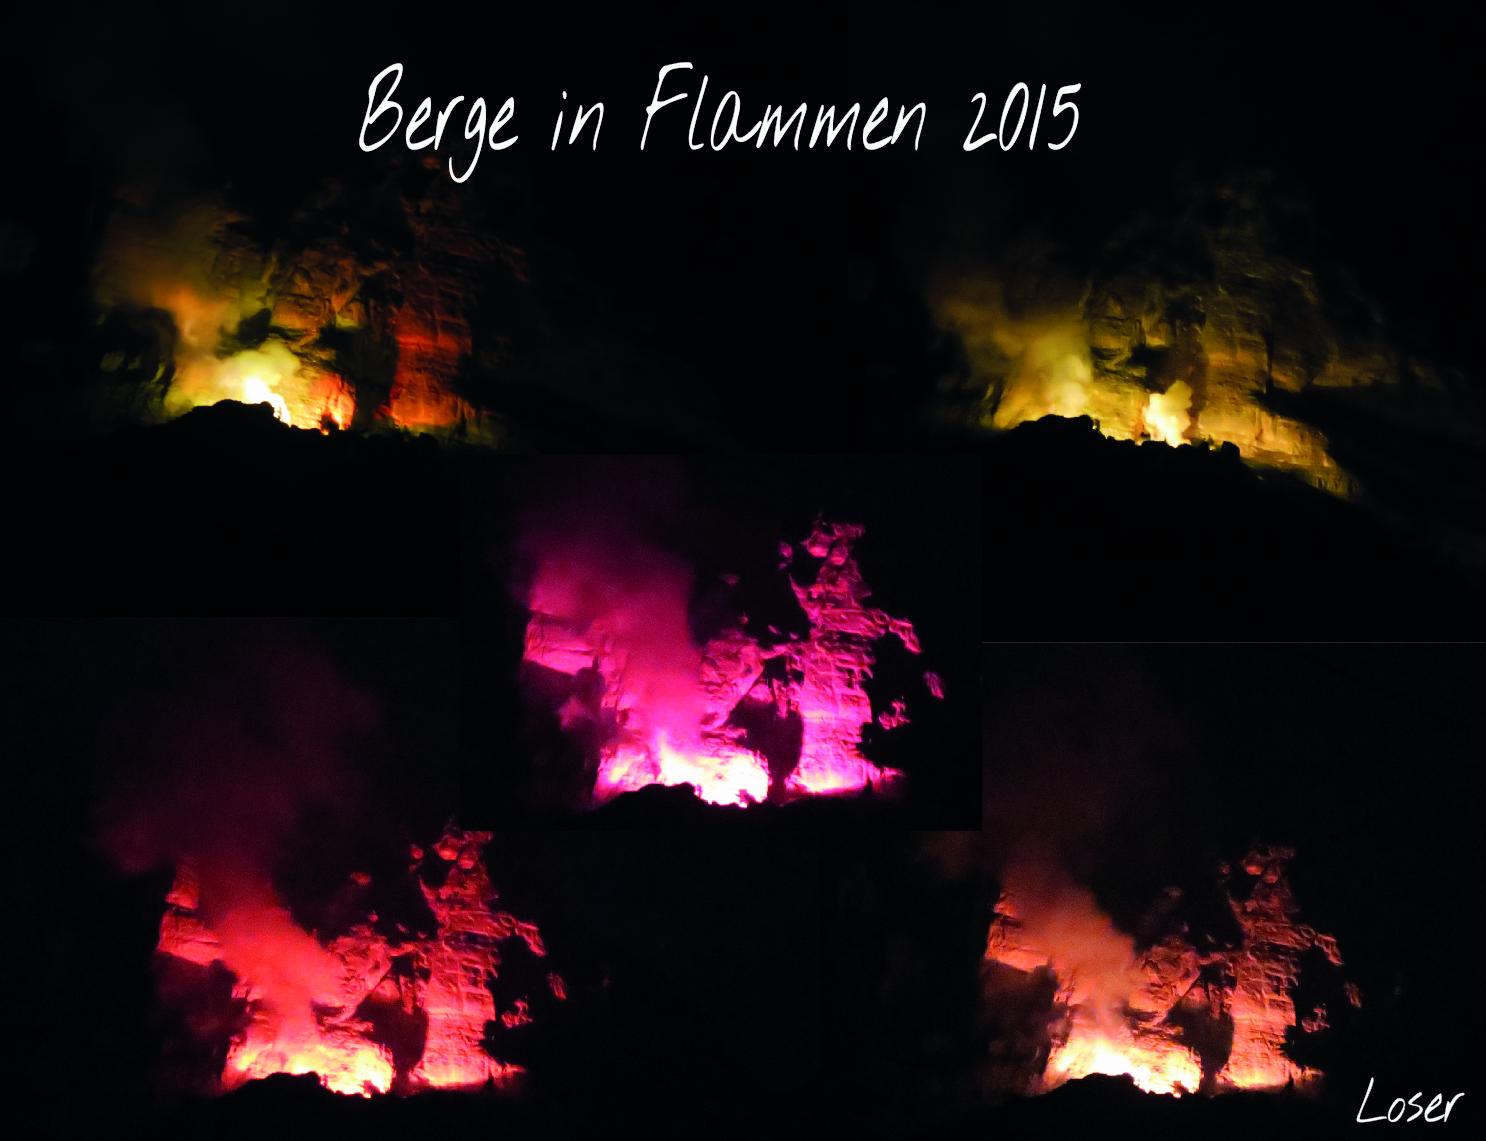 Berge in Flammen 2015; Loser/Altaussee